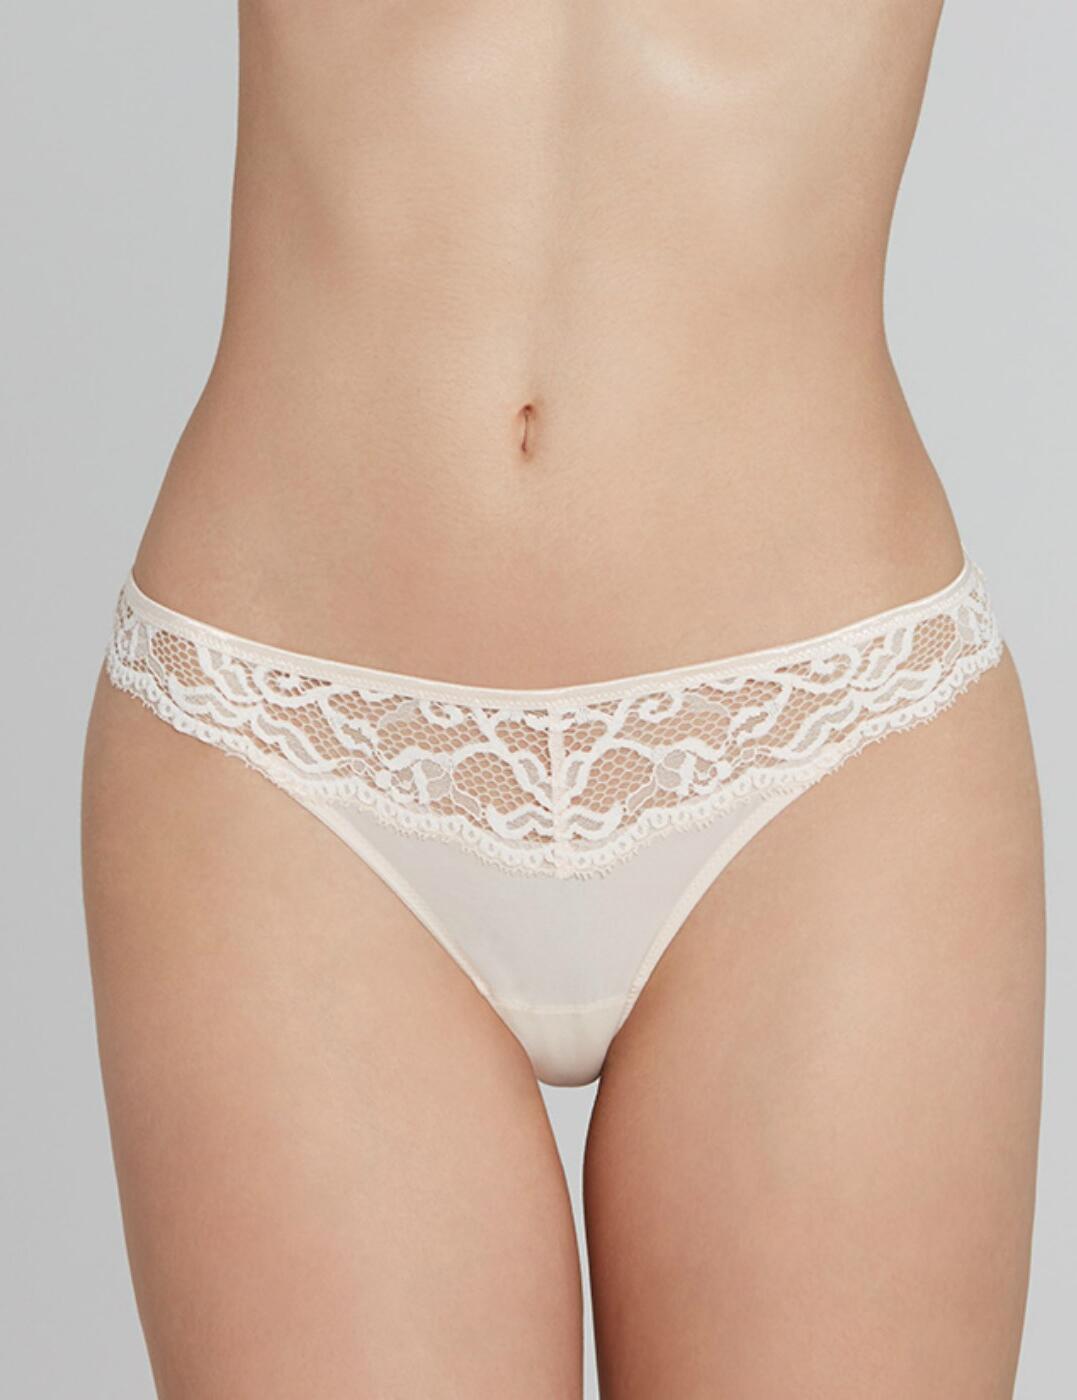 00242 LOU Belle De Lou String Thong - 00242 Nude